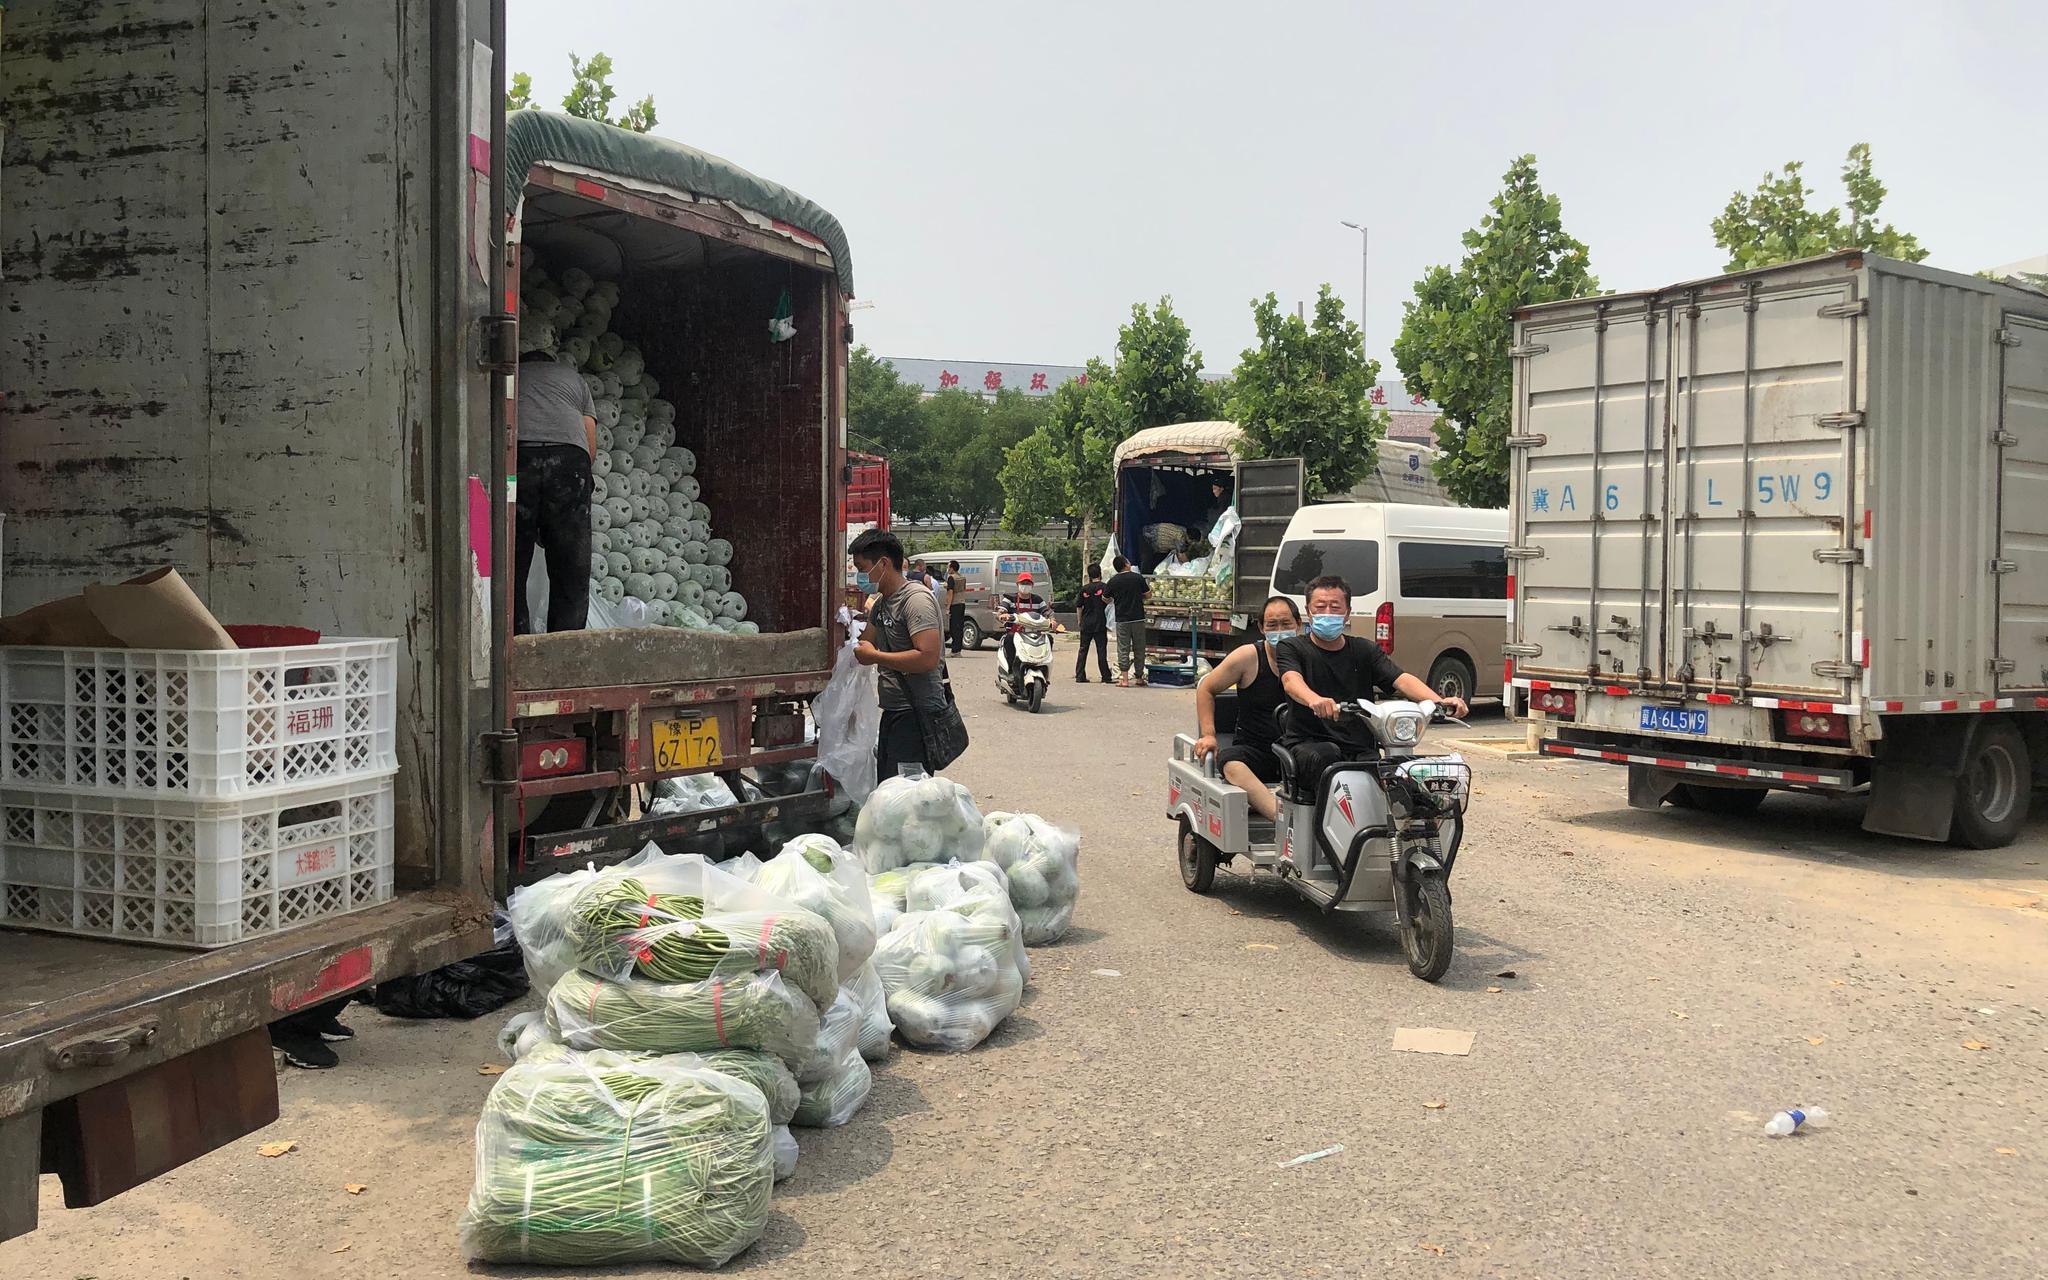 商贩把菜摆出来等待买家。新京报记者 田杰雄 摄